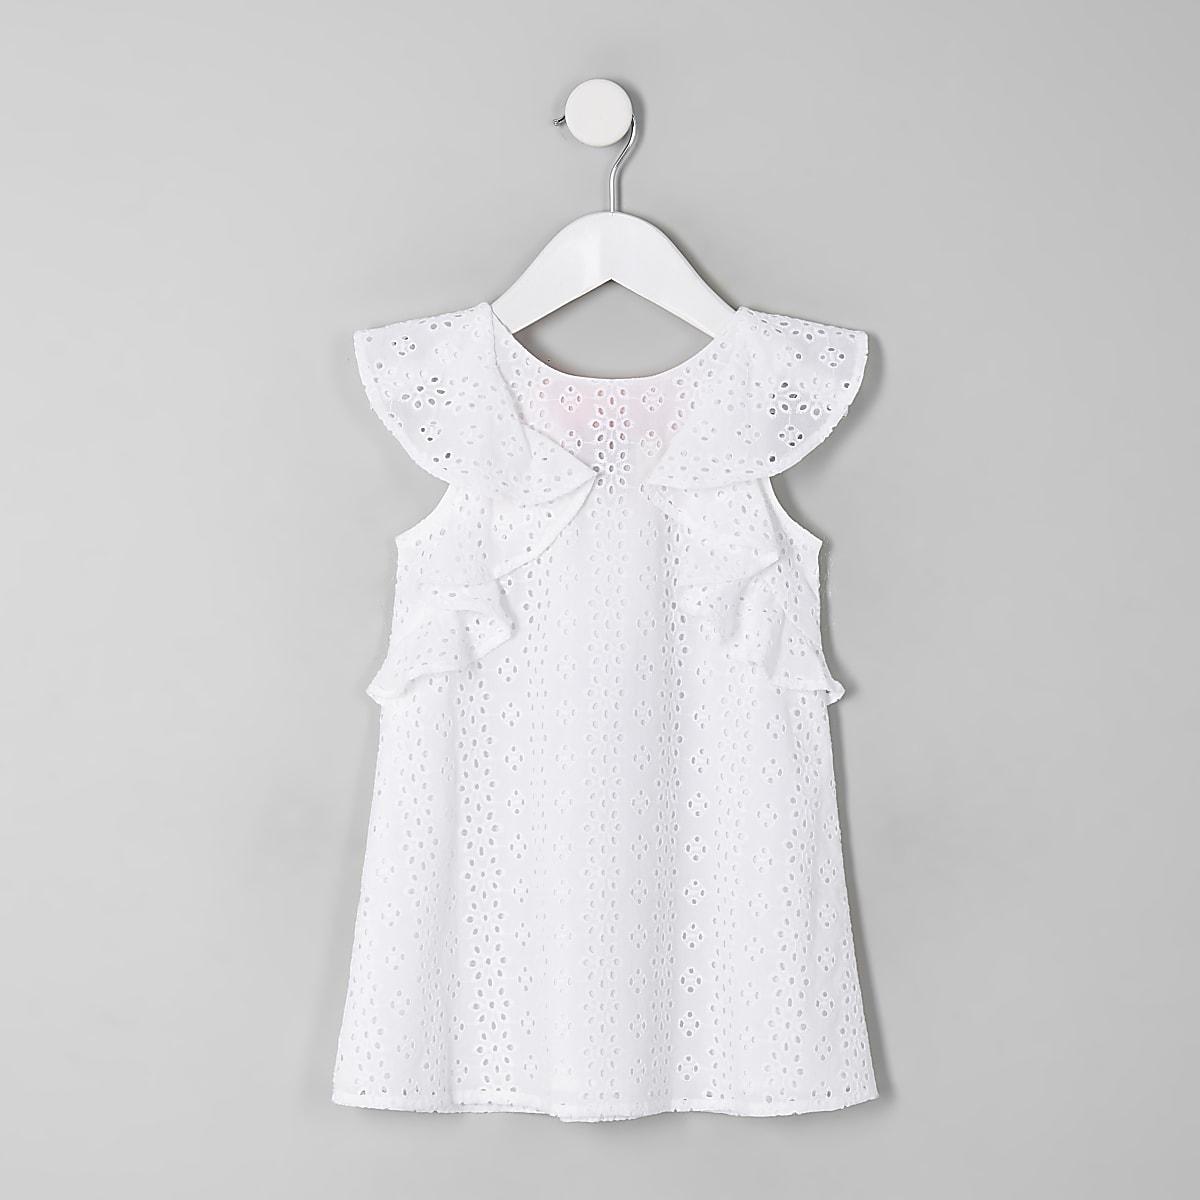 8e2b865de928c6 Mini girls cream broderie trapeze dress - Baby Girls Dresses - Mini Girls -  girls